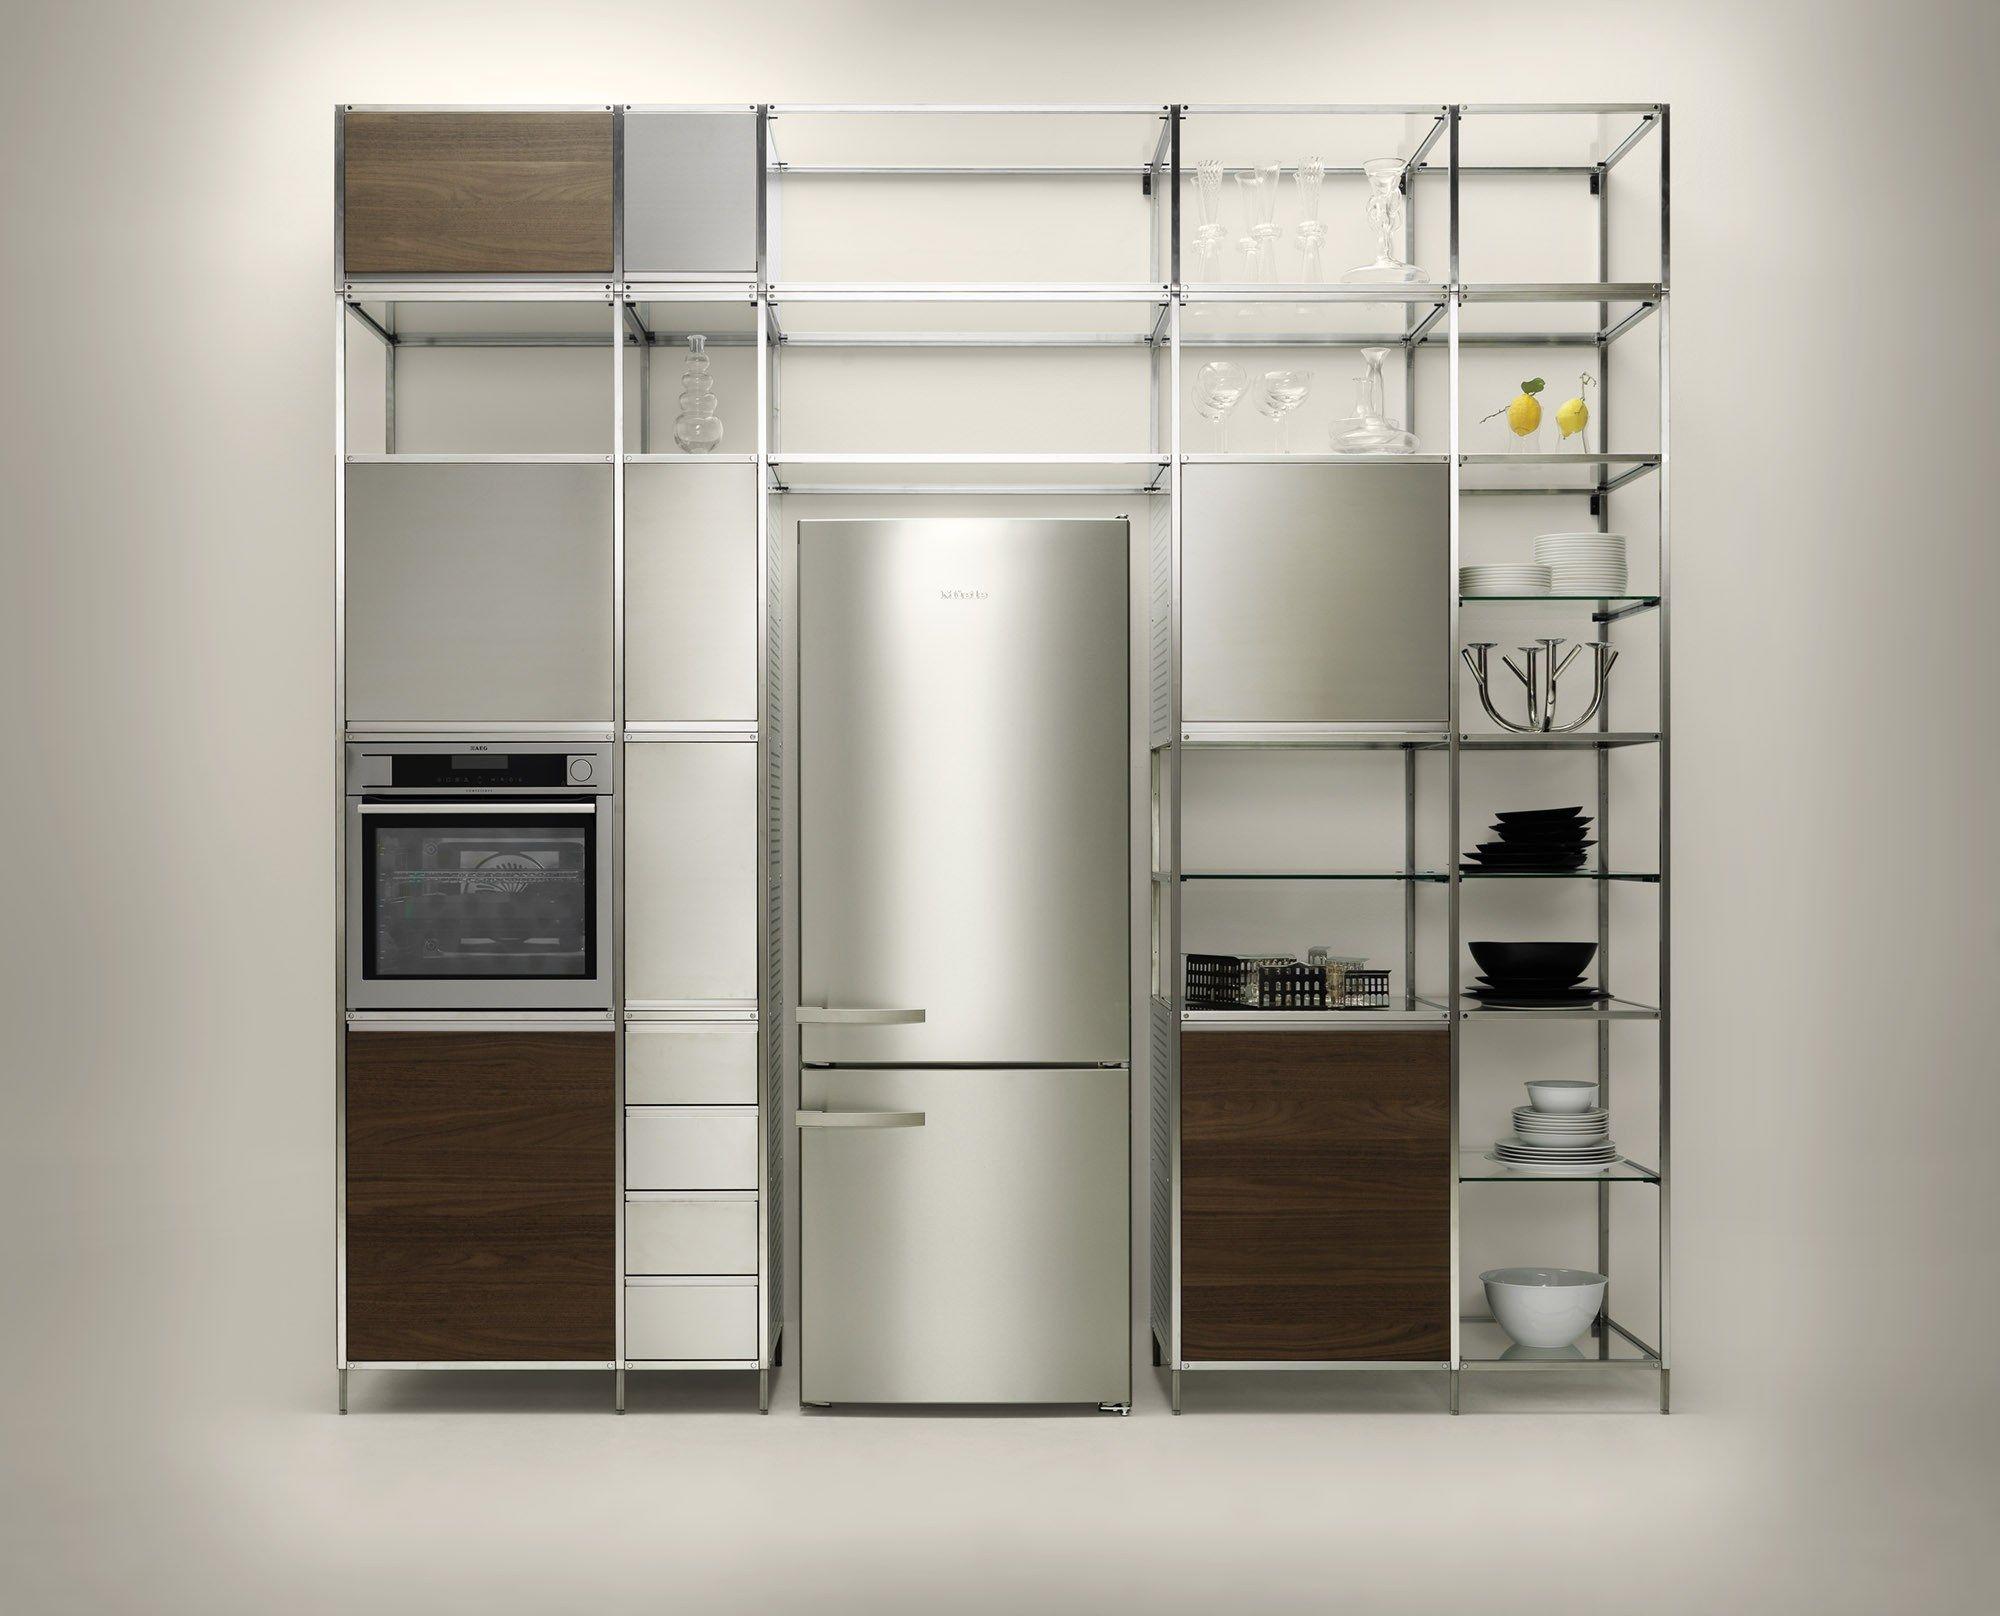 Cucina componibile in multistrato meccanica by valcucine design